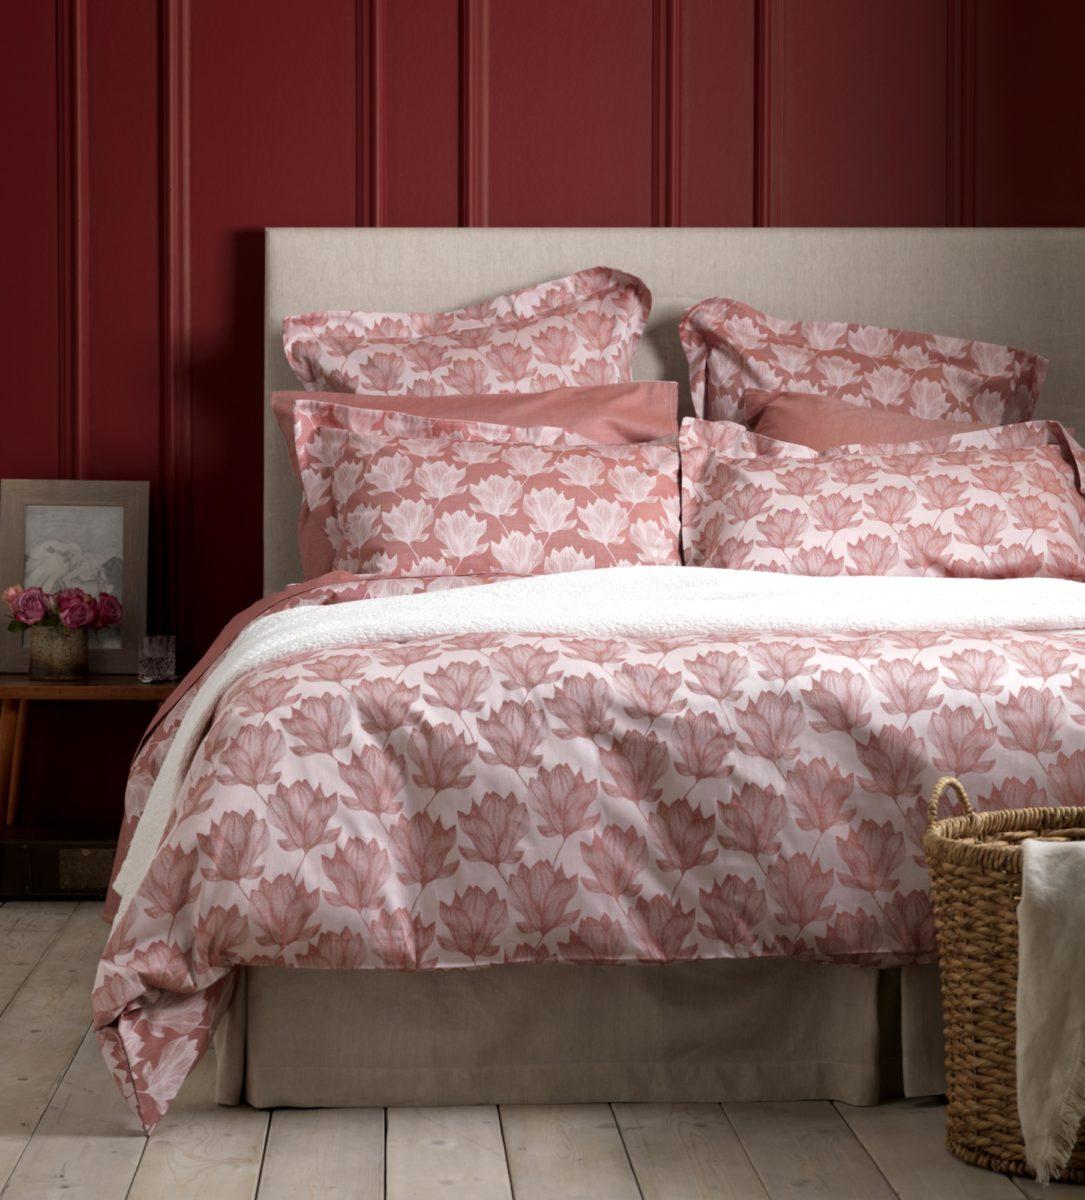 Magnolia Red Duvet Cover